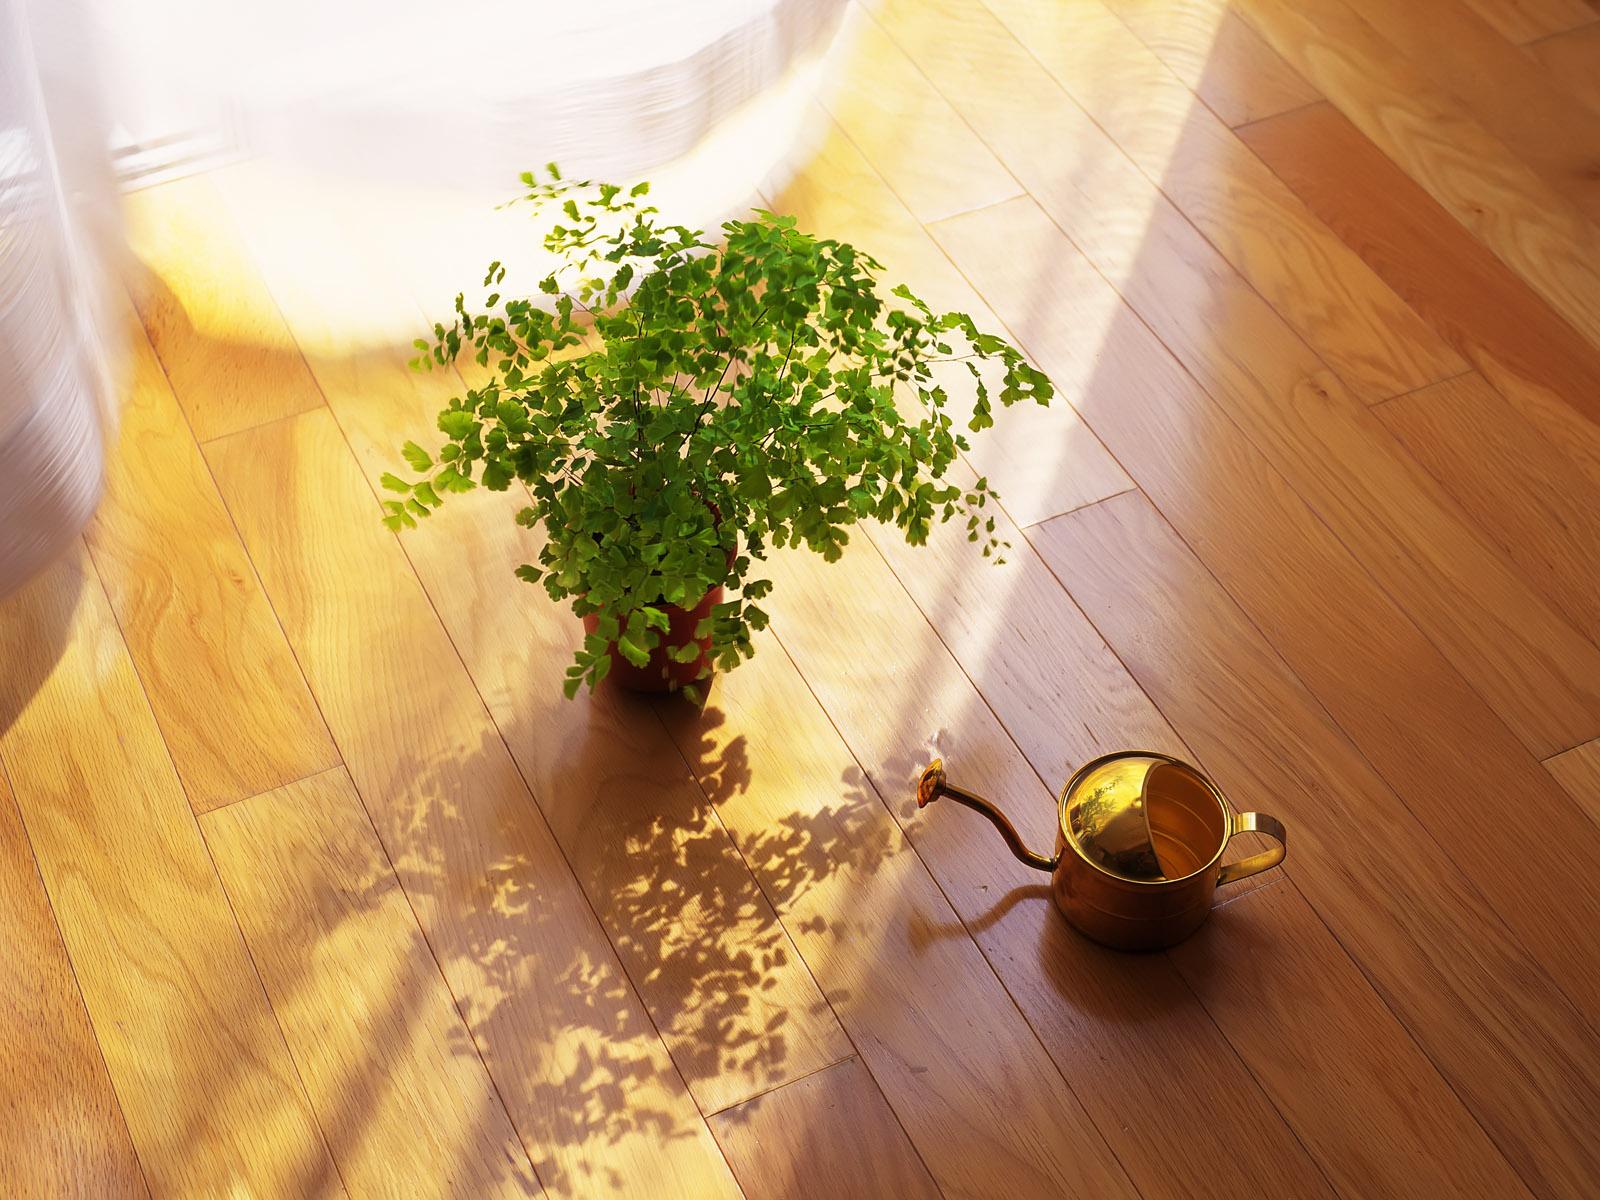 视觉大餐-静物特写 - 沉默是金 -   沉默是金de家园